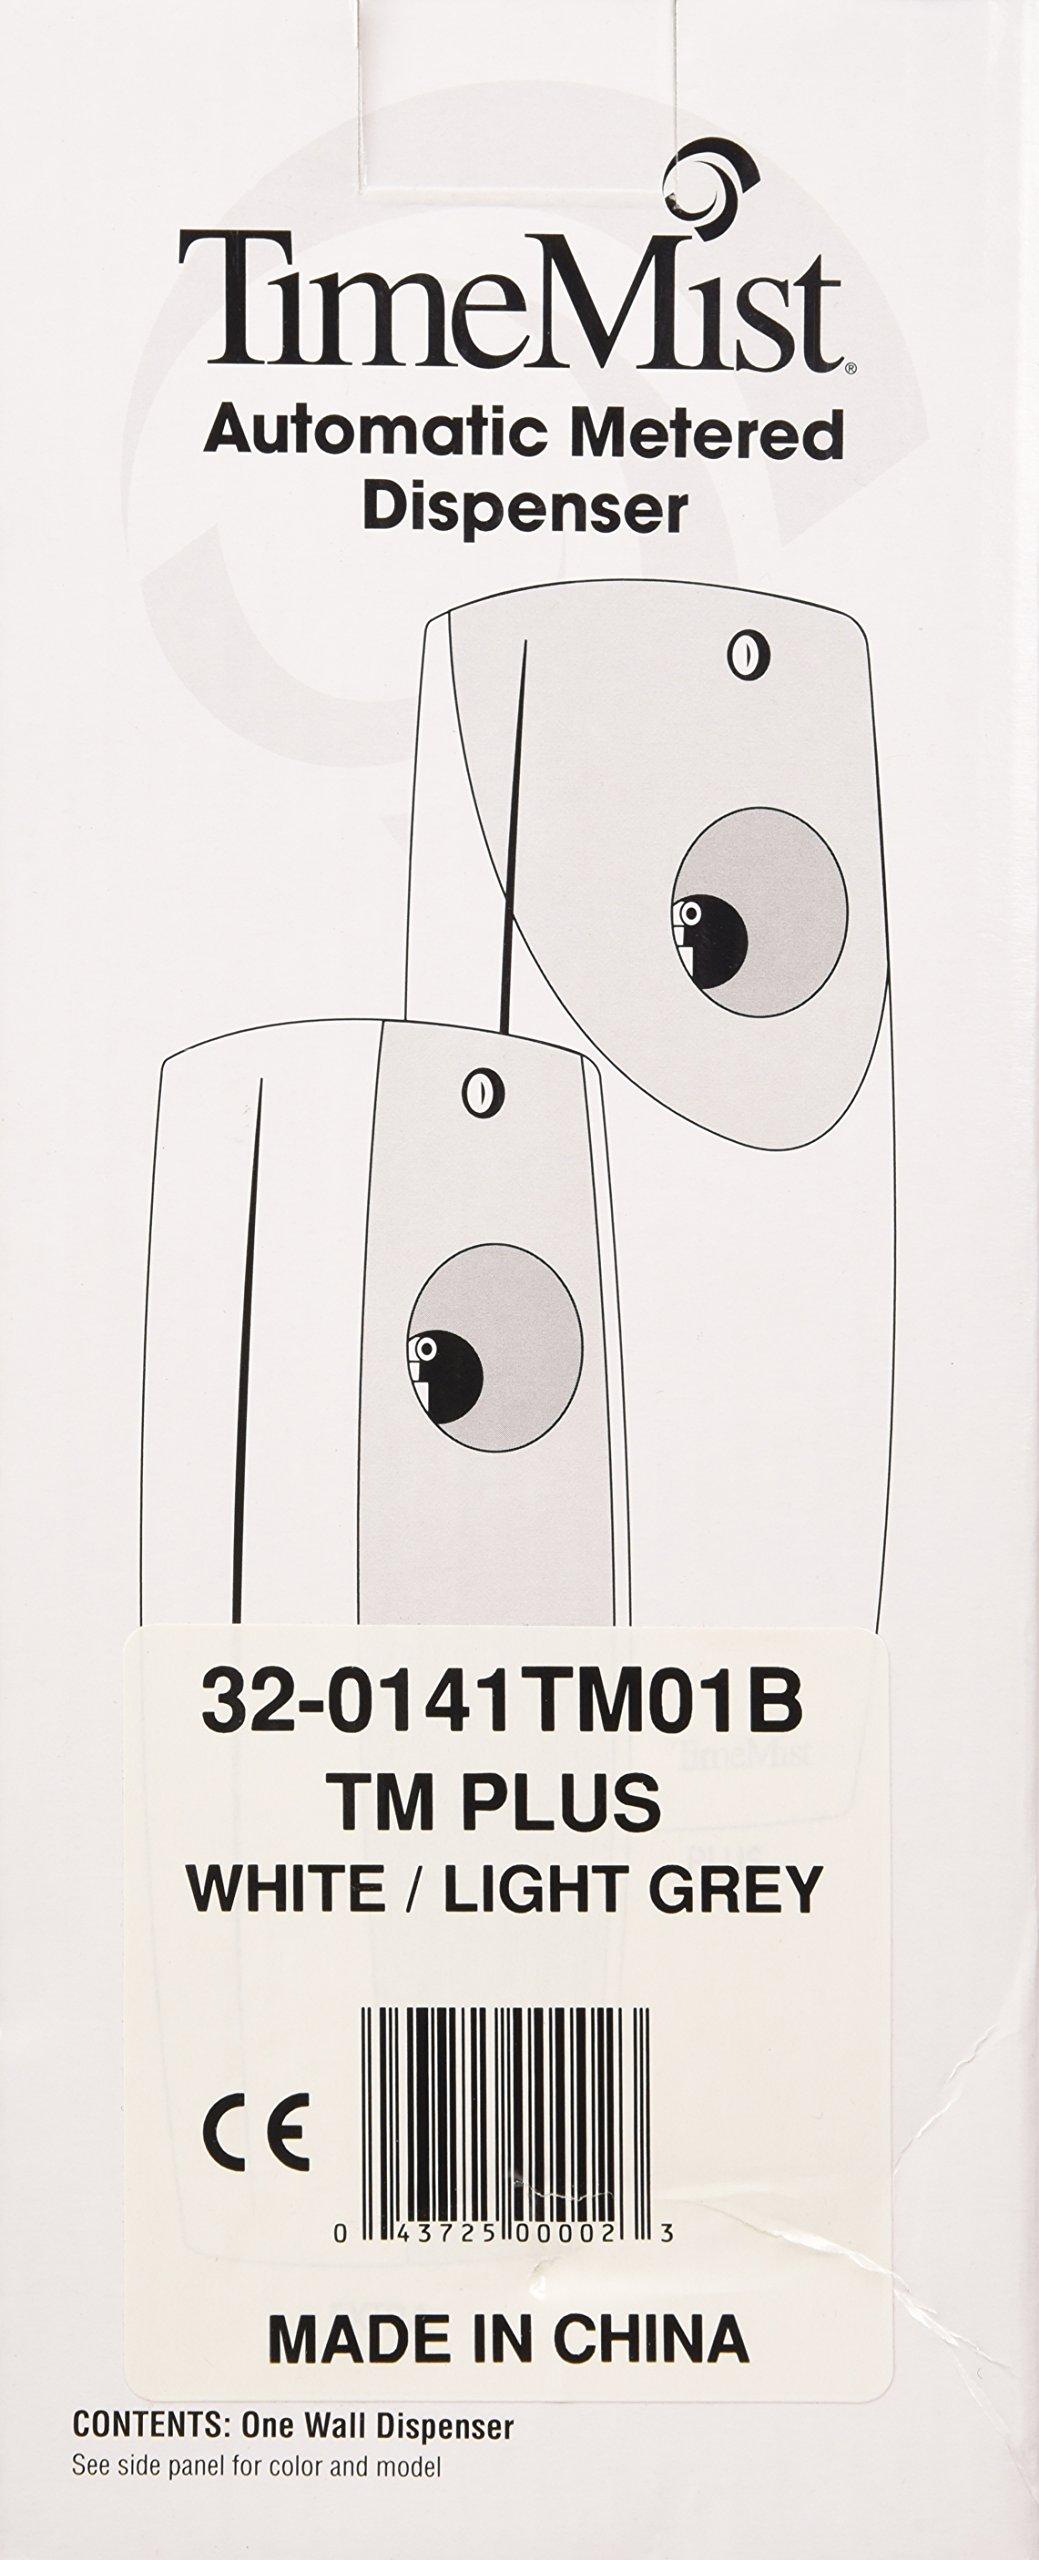 TimeMist 320141TM01B Gray/White Plus Metered Air Freshener Dispenser